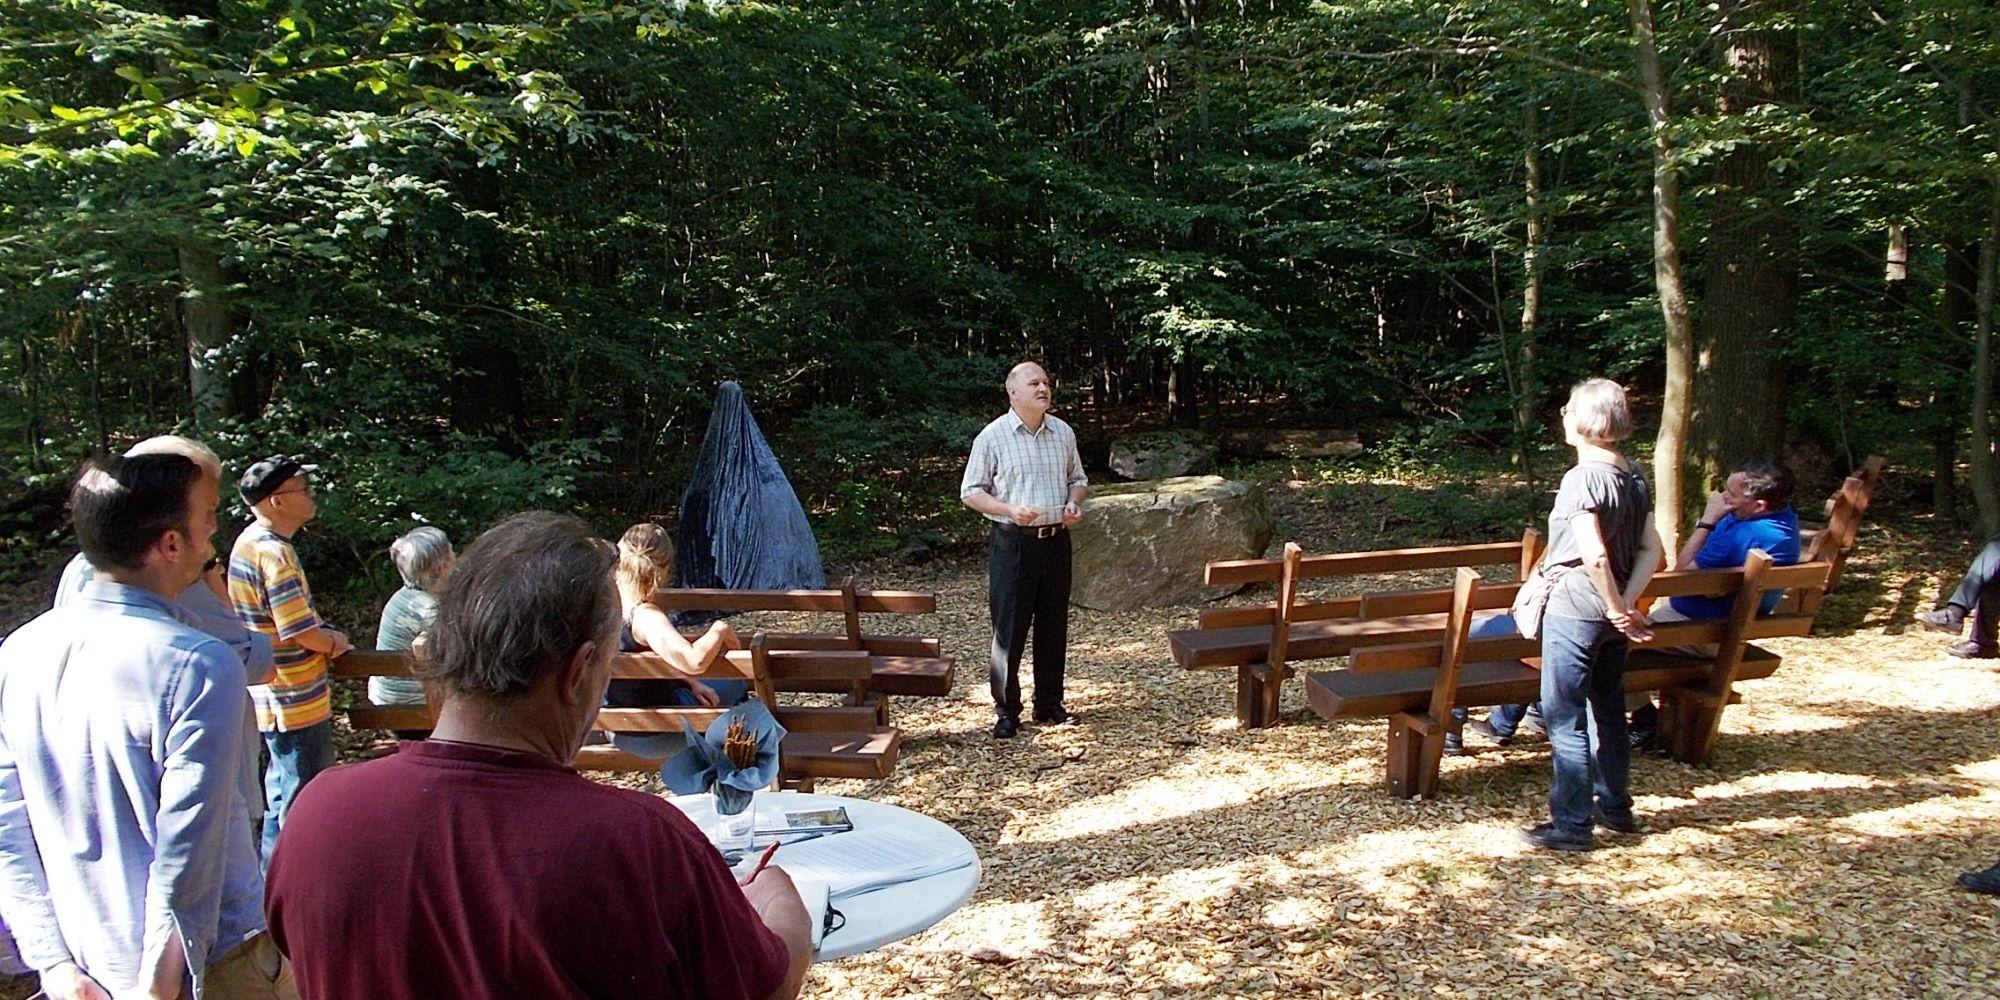 Bürgermeister Speckhardt bei der Begrüßung vor der verhüllten Skulptur